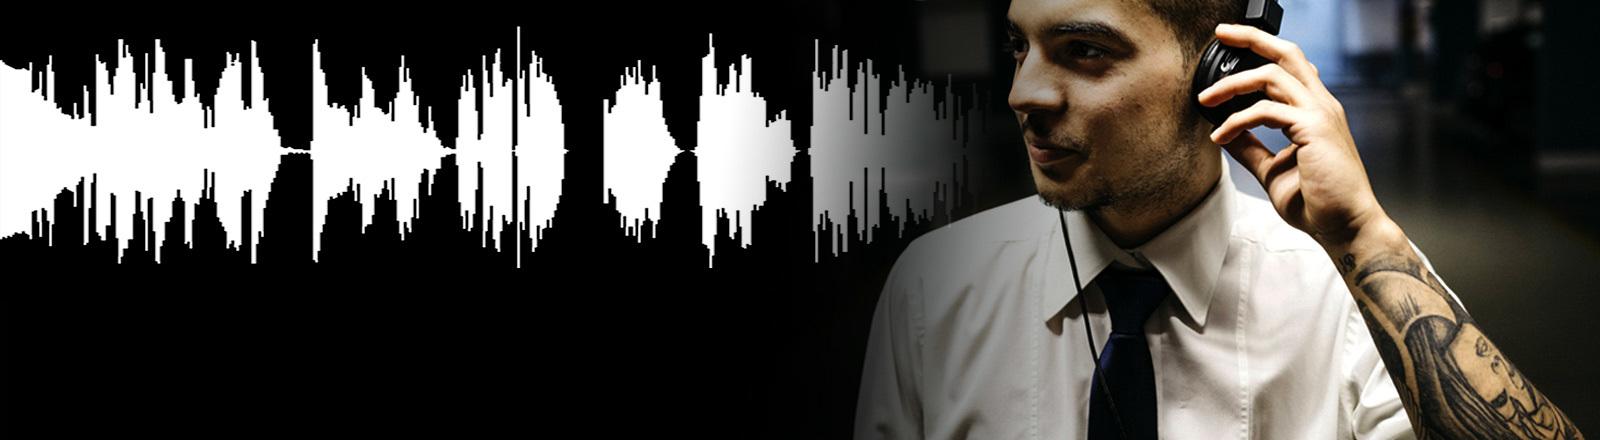 Collage: Mann mit Kopfhörer und Tätowierung, Schallwelle